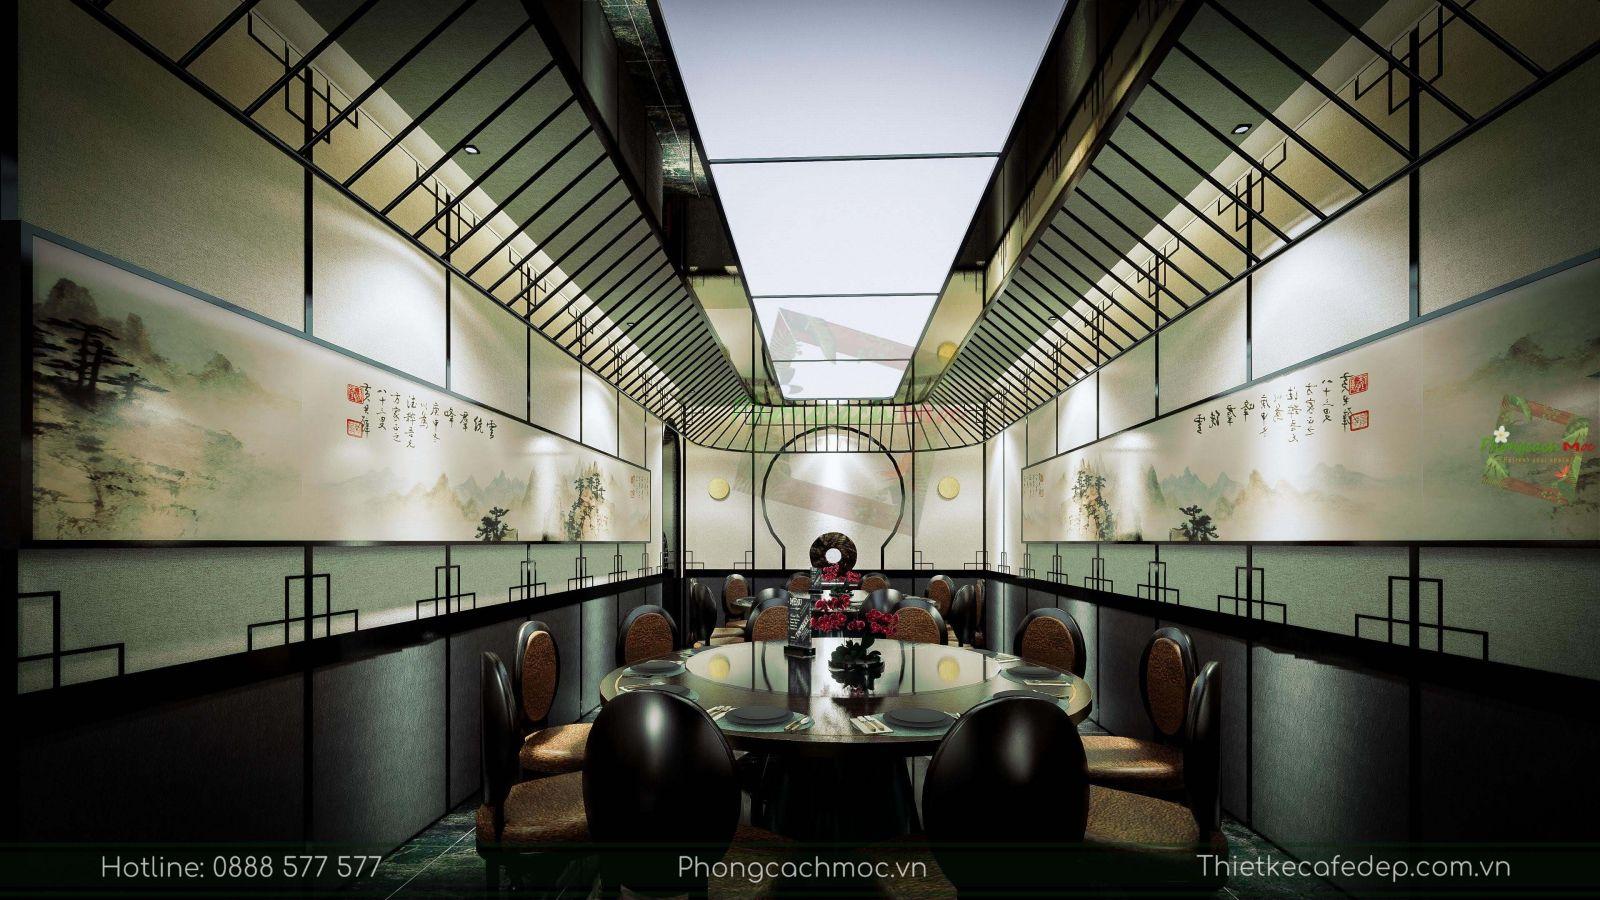 thiết kế nhà hàng trung hoa - nội thất phòng vip 2 - 4